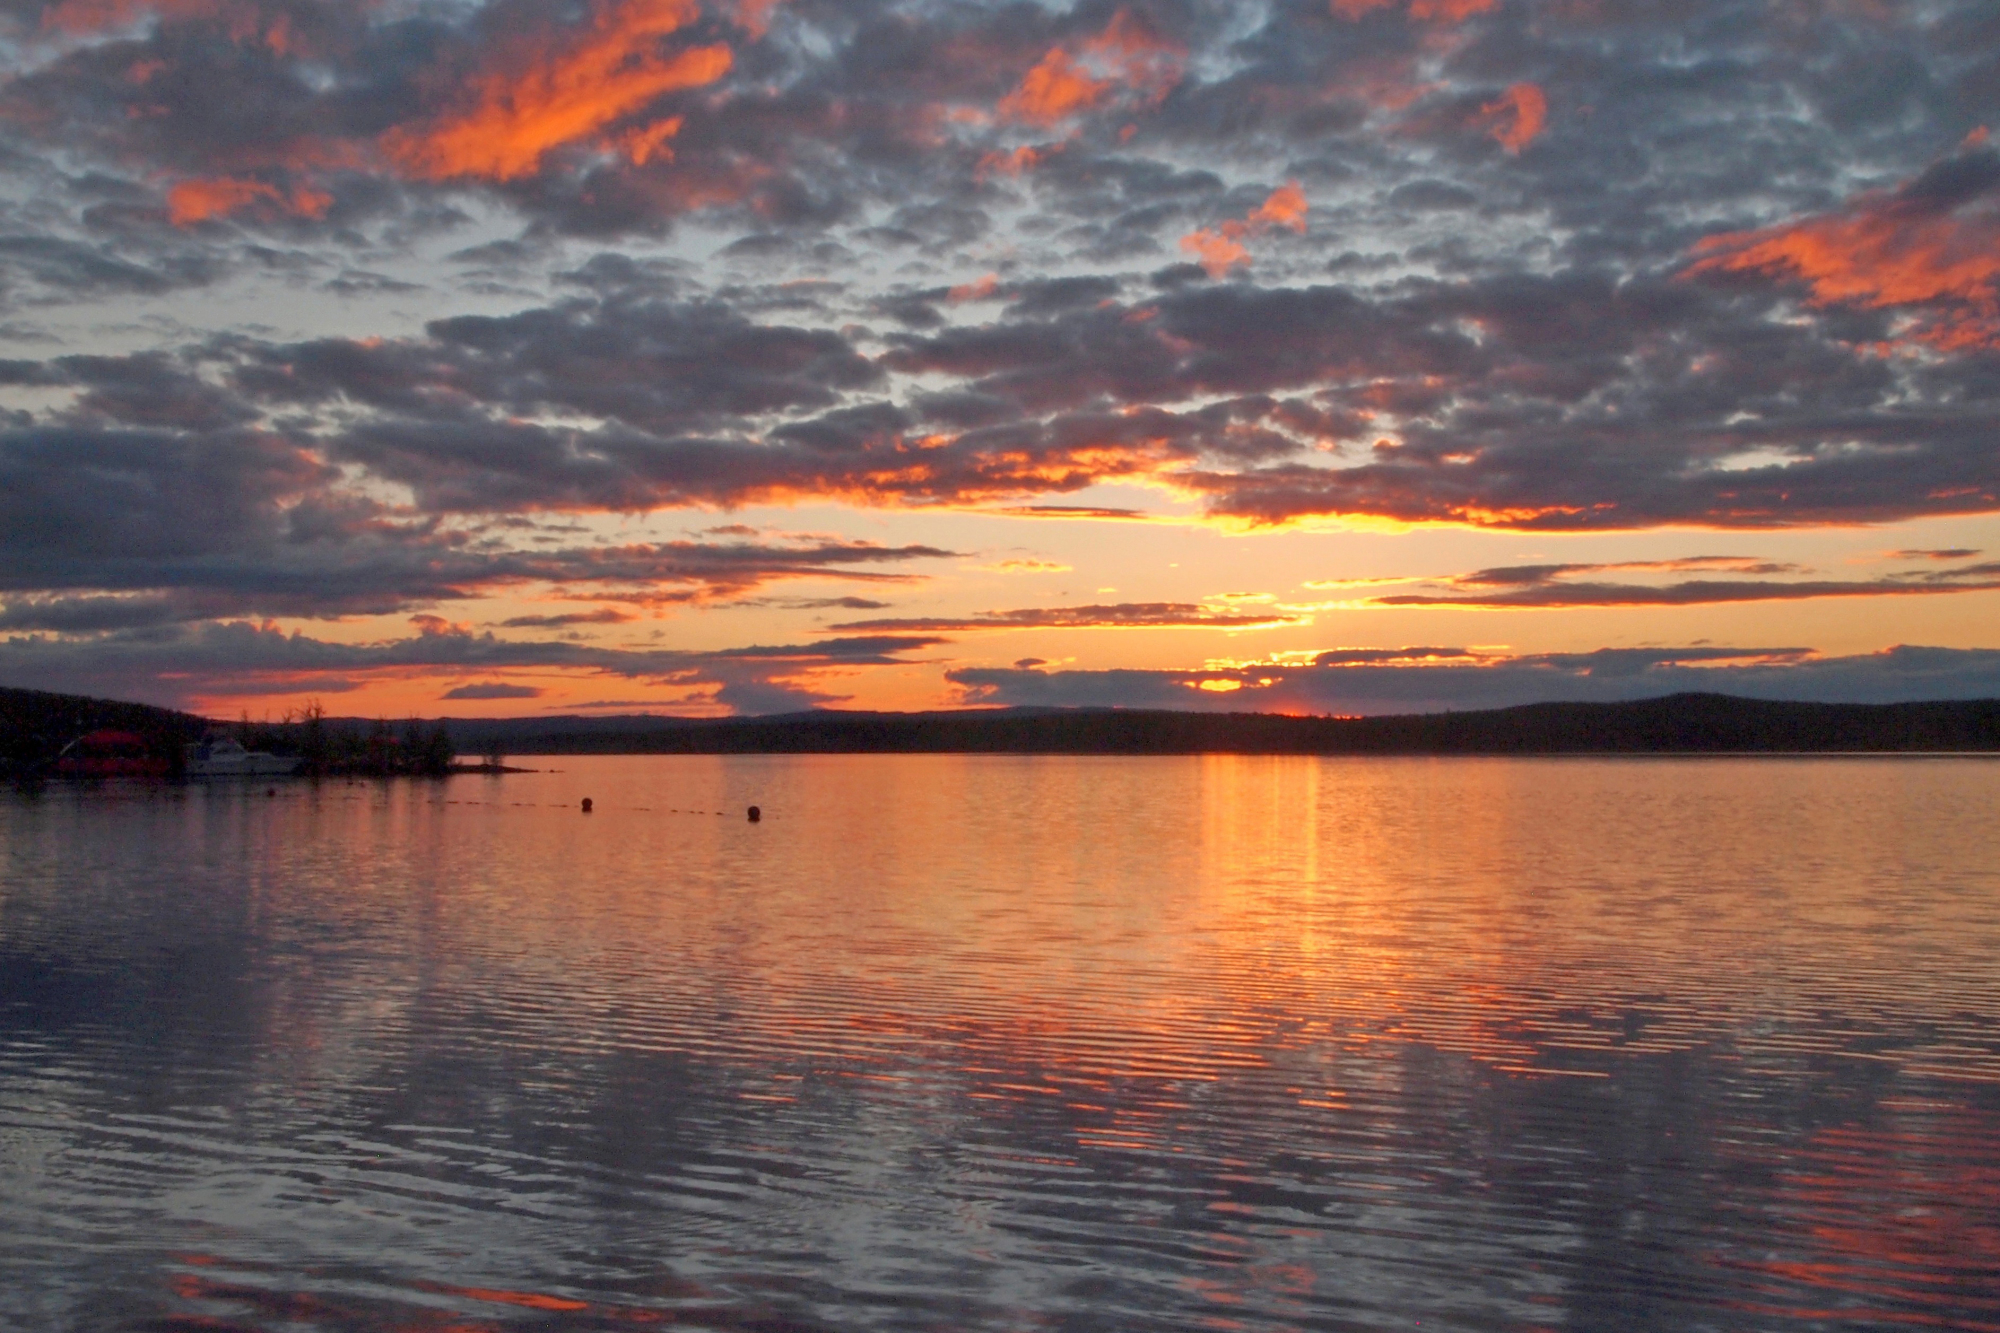 Качканарское «море» в Качканаре. Фото: Удинцева Т.А.